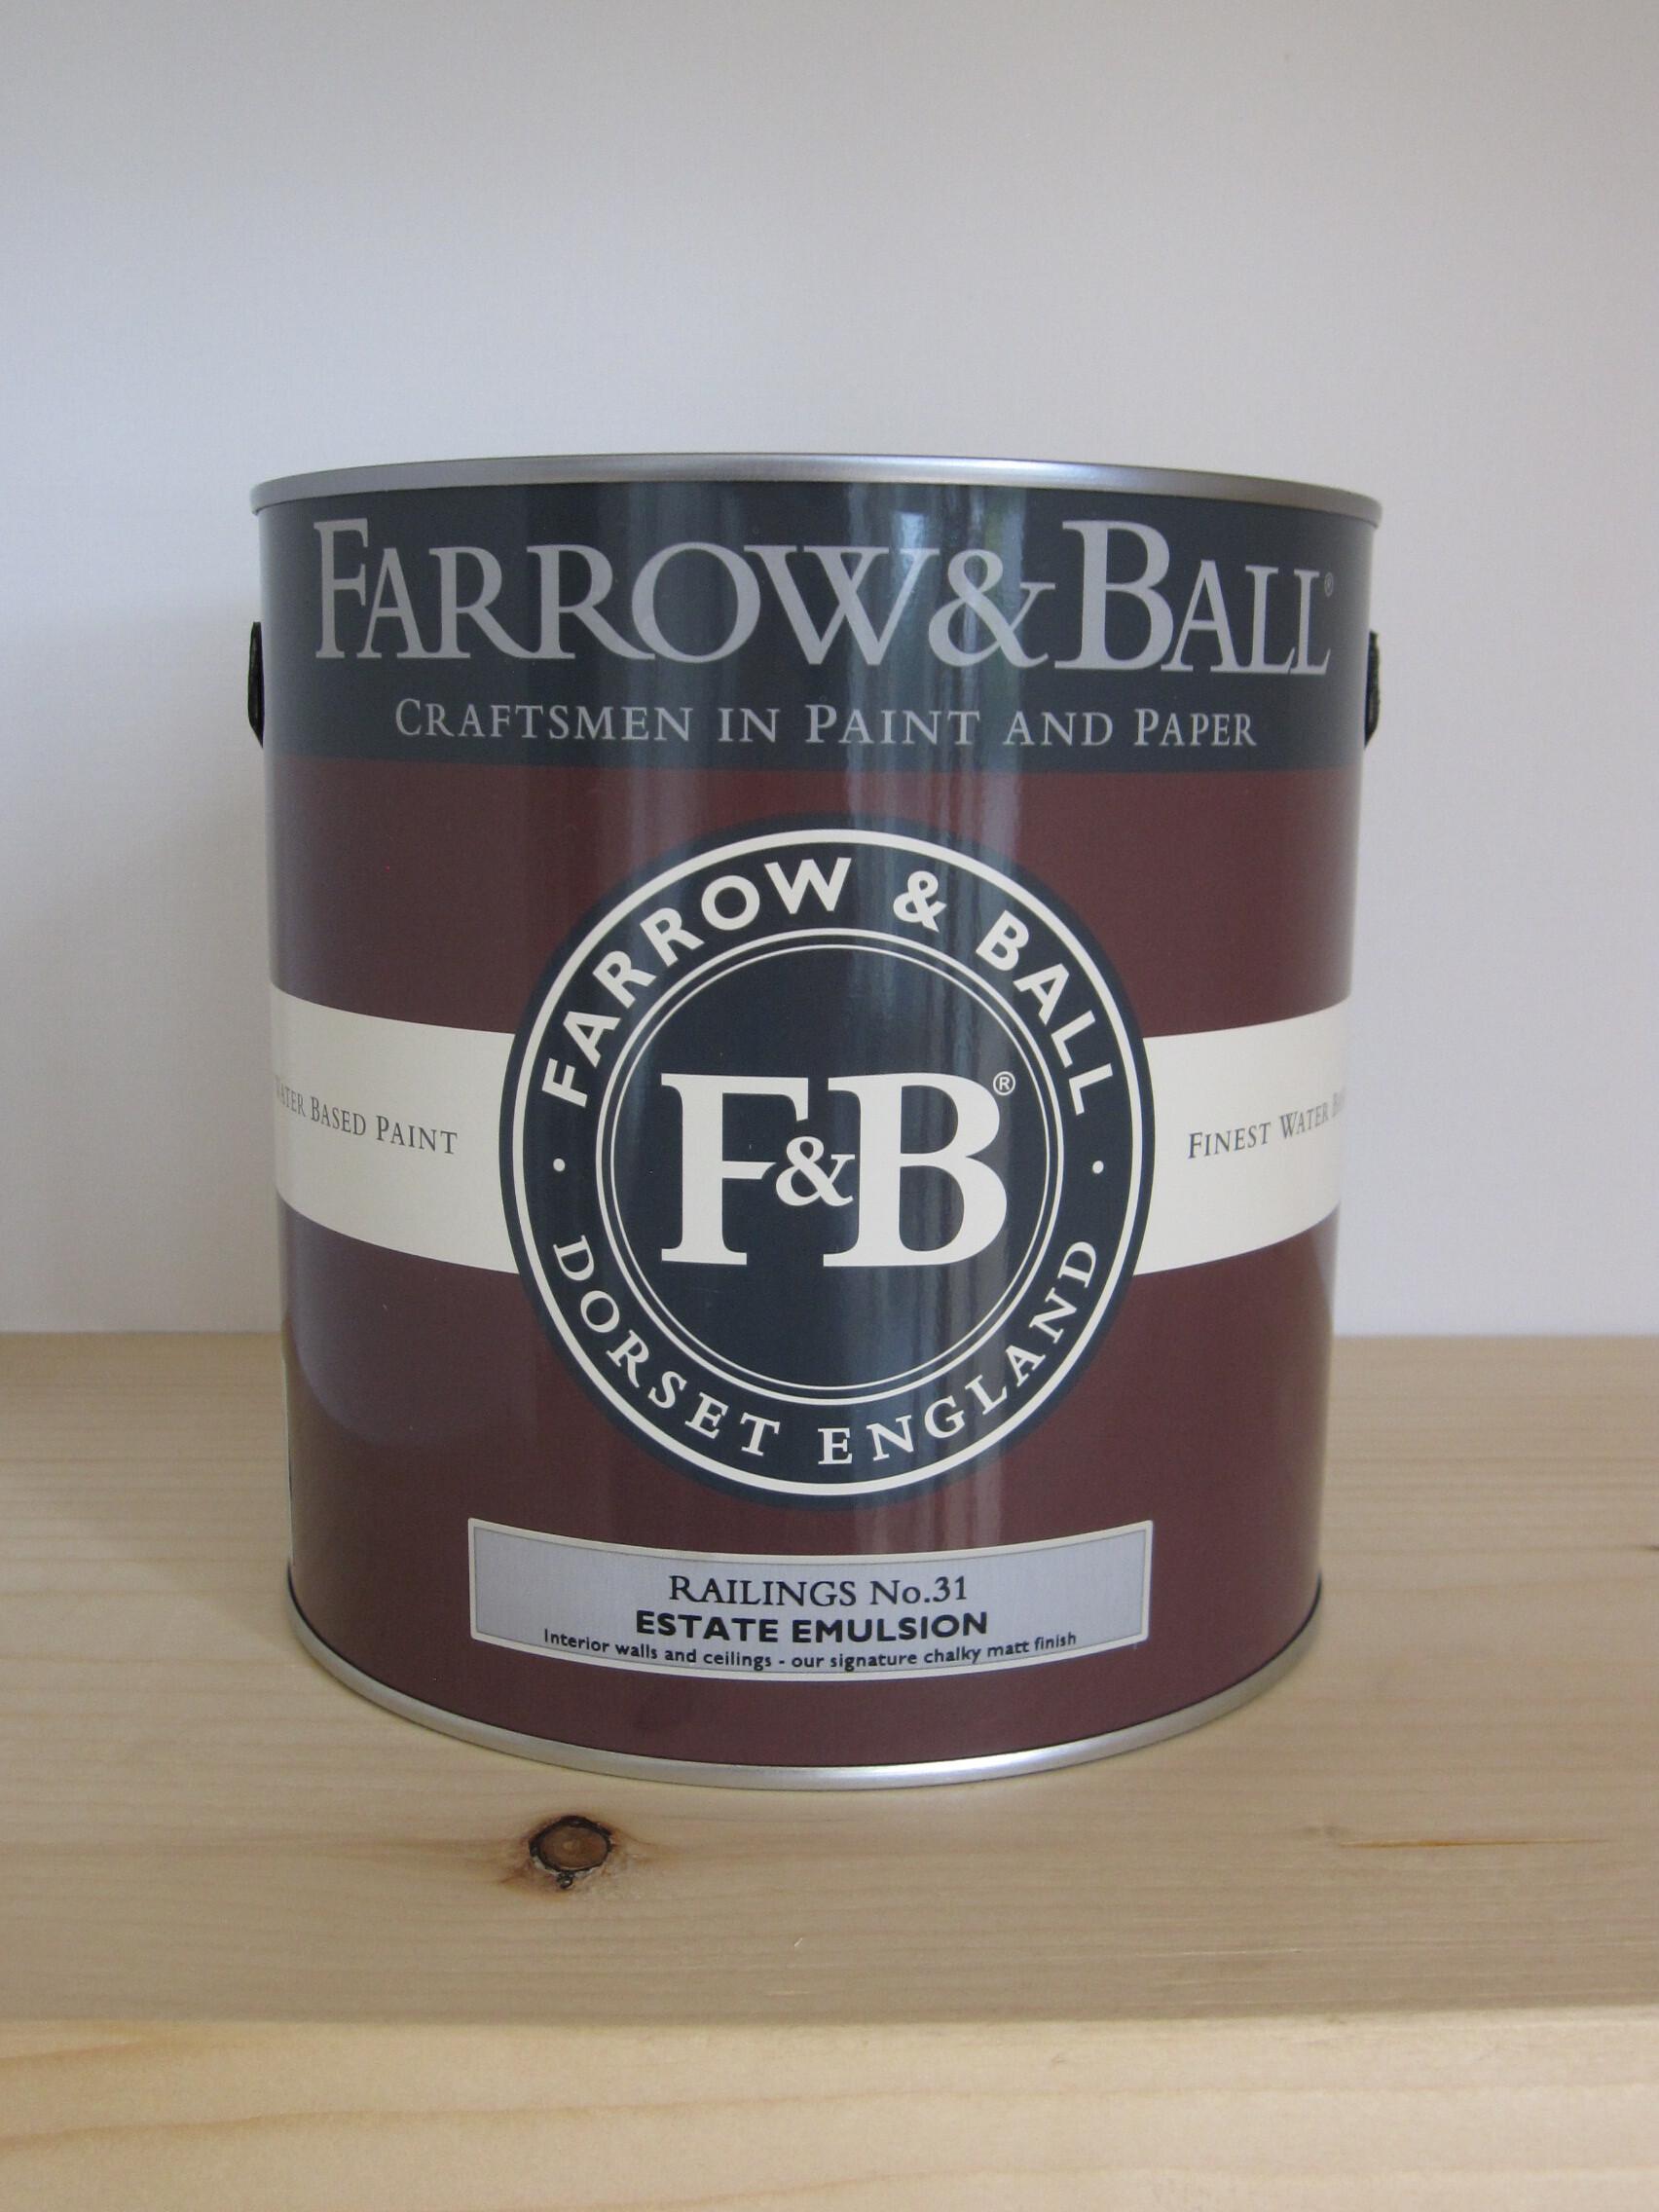 壁塗装材料のイギリス「FARROW&BALL」